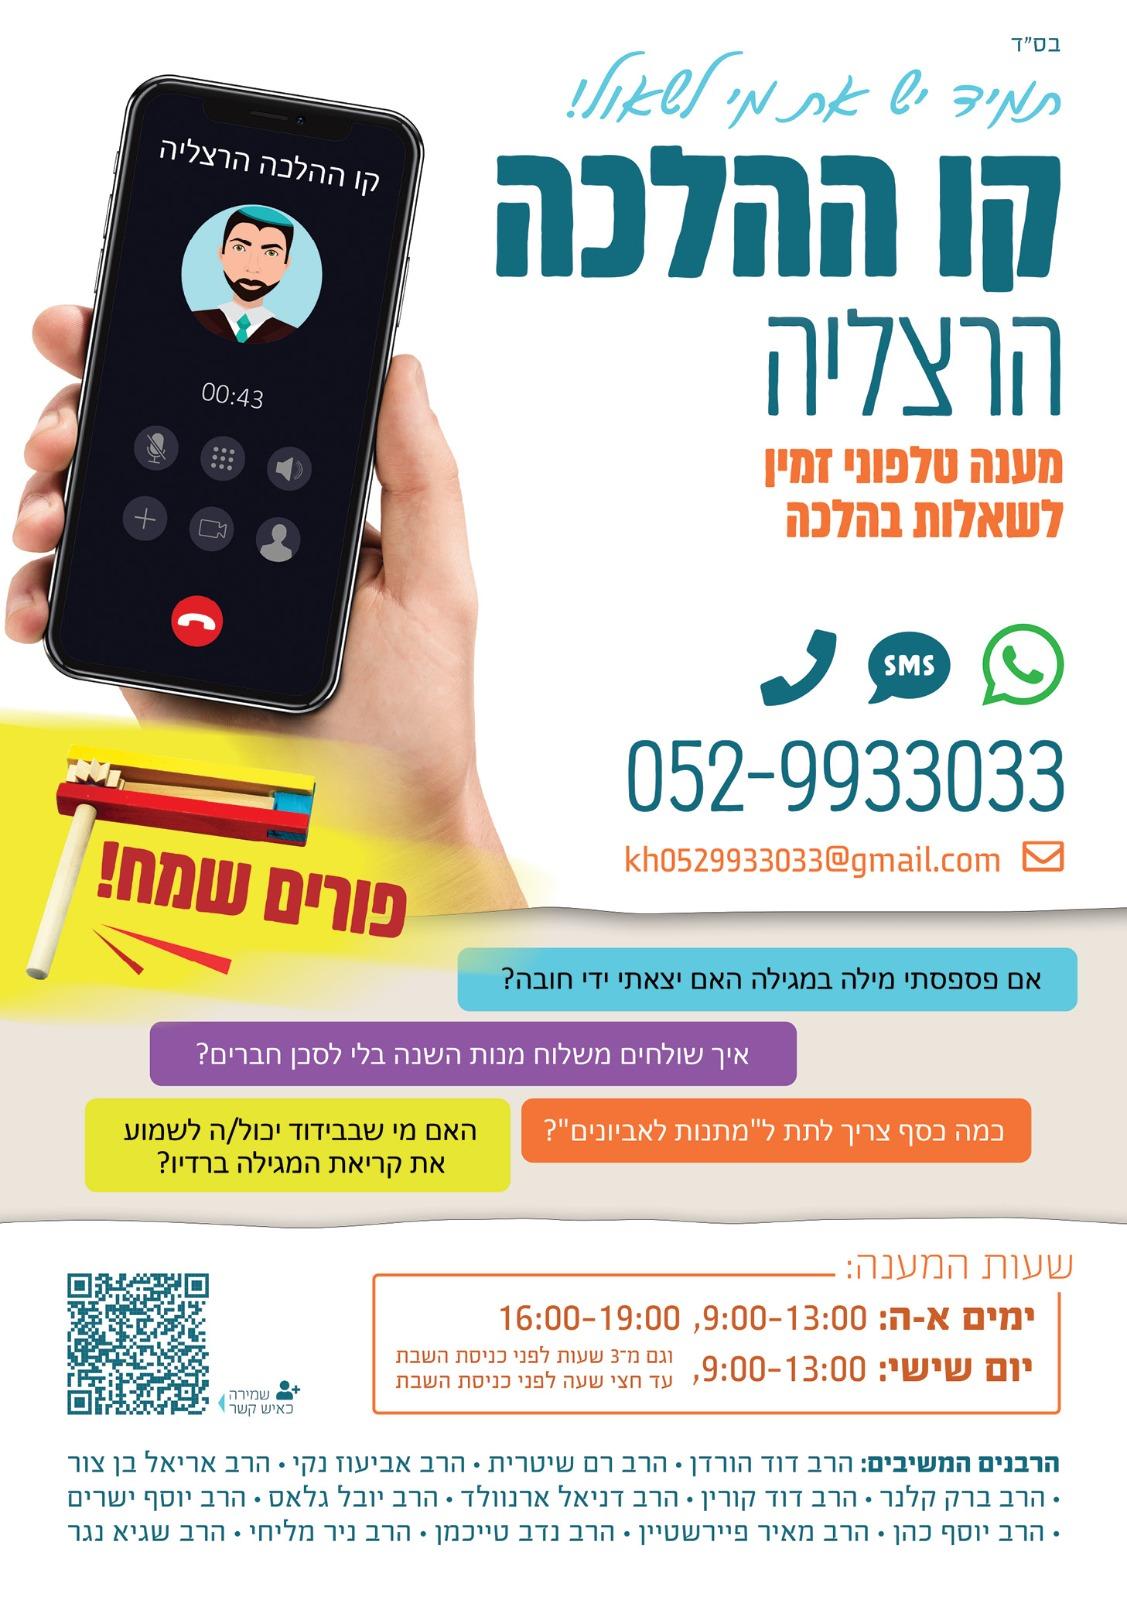 WhatsApp Image 2021-02-21 at 09.32.18